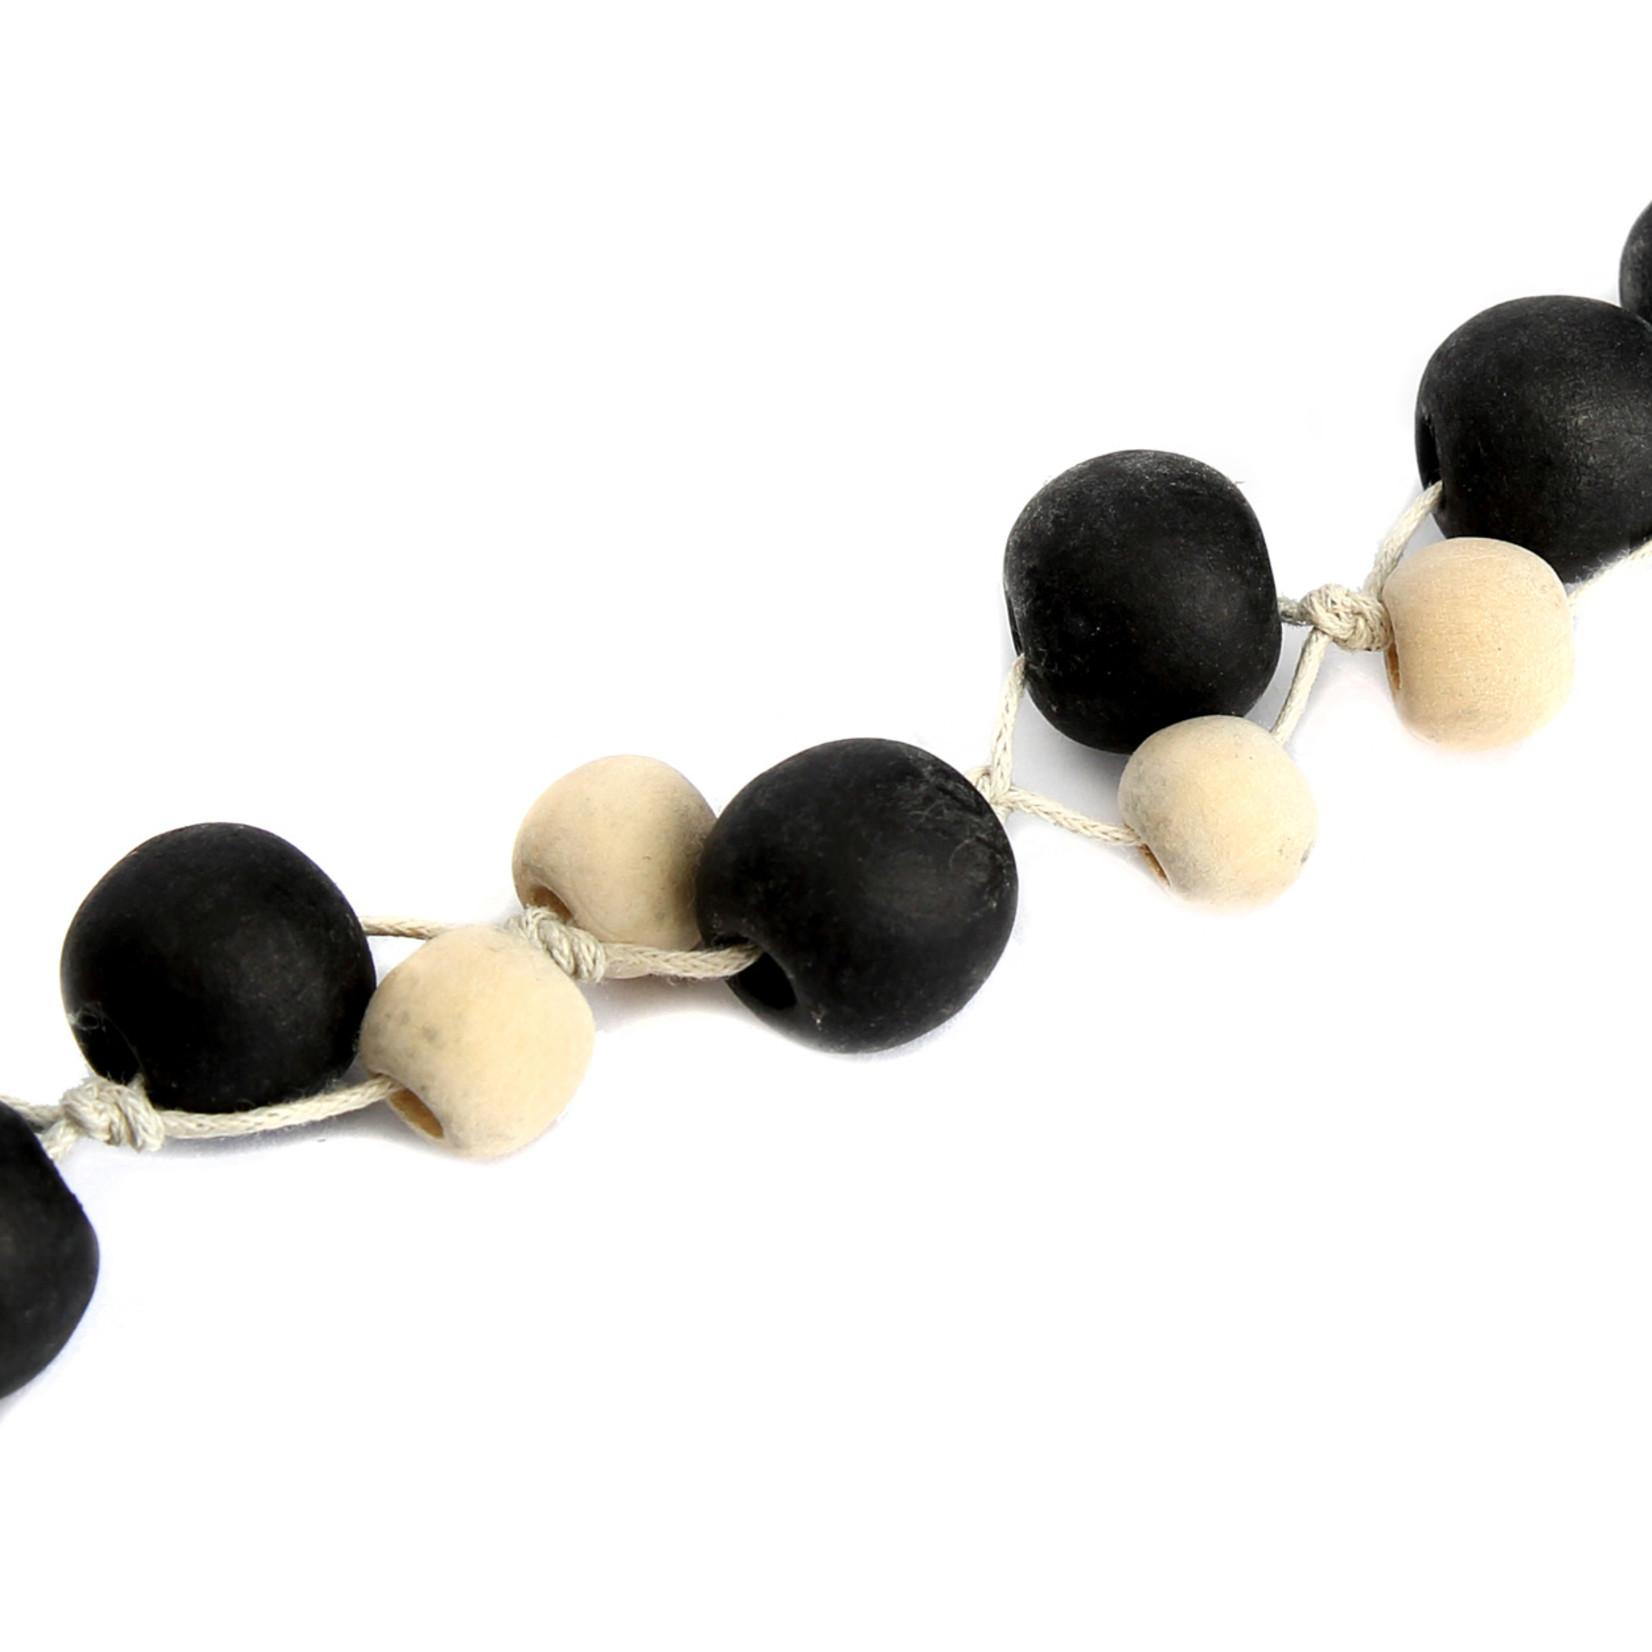 Bazar Bizar The Canggu Necklace - Natural Black